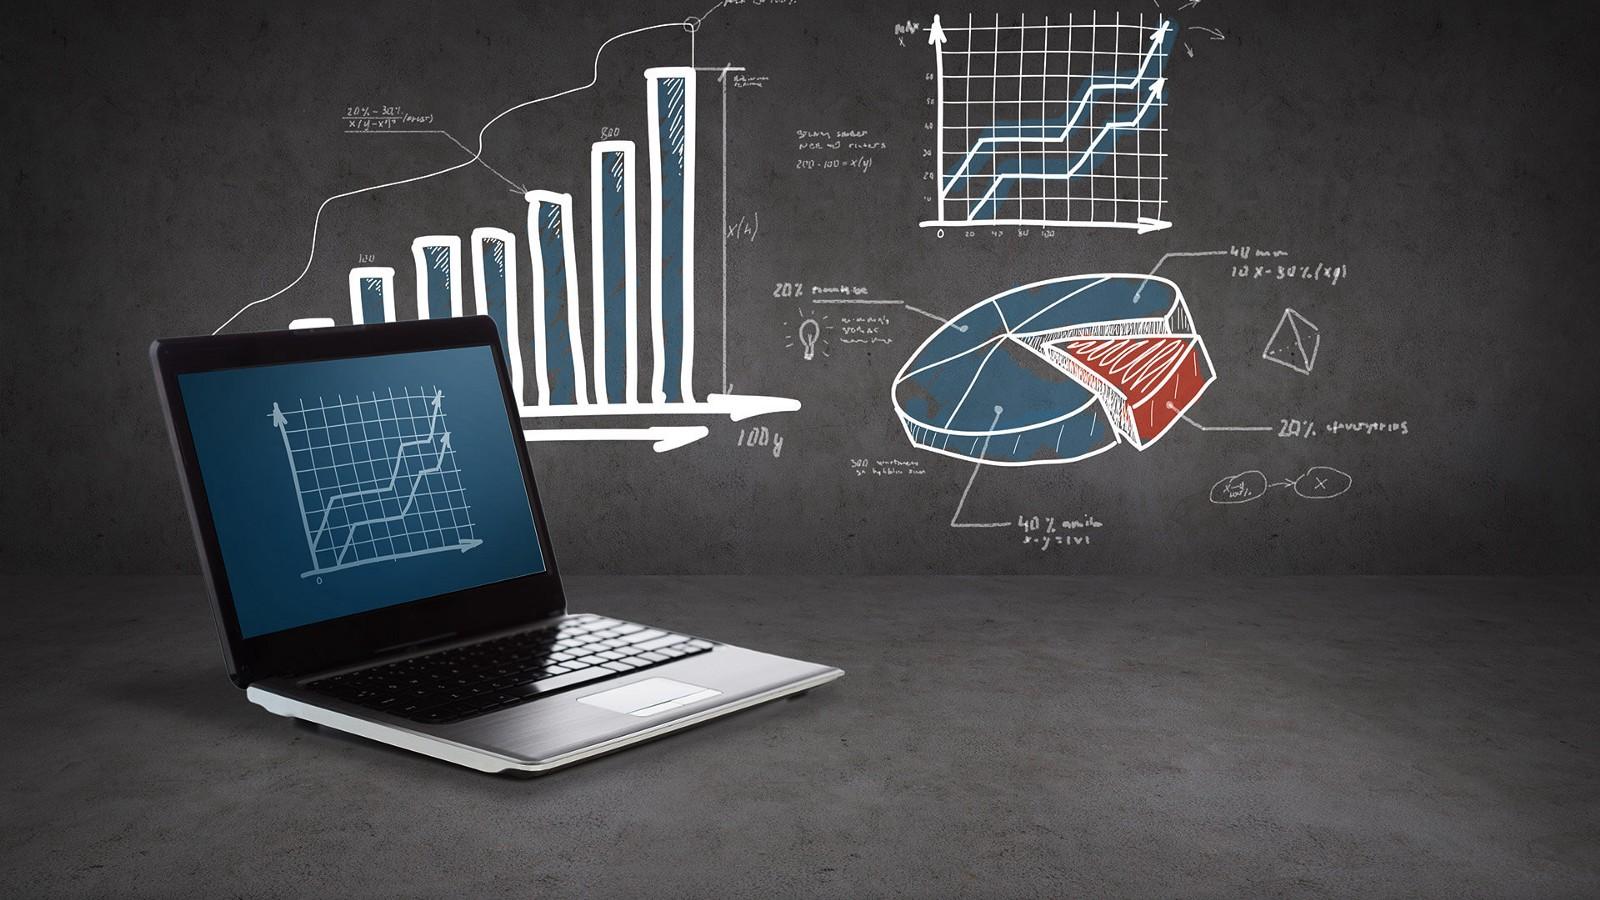 التحليل الإحصائي للمبتدئين